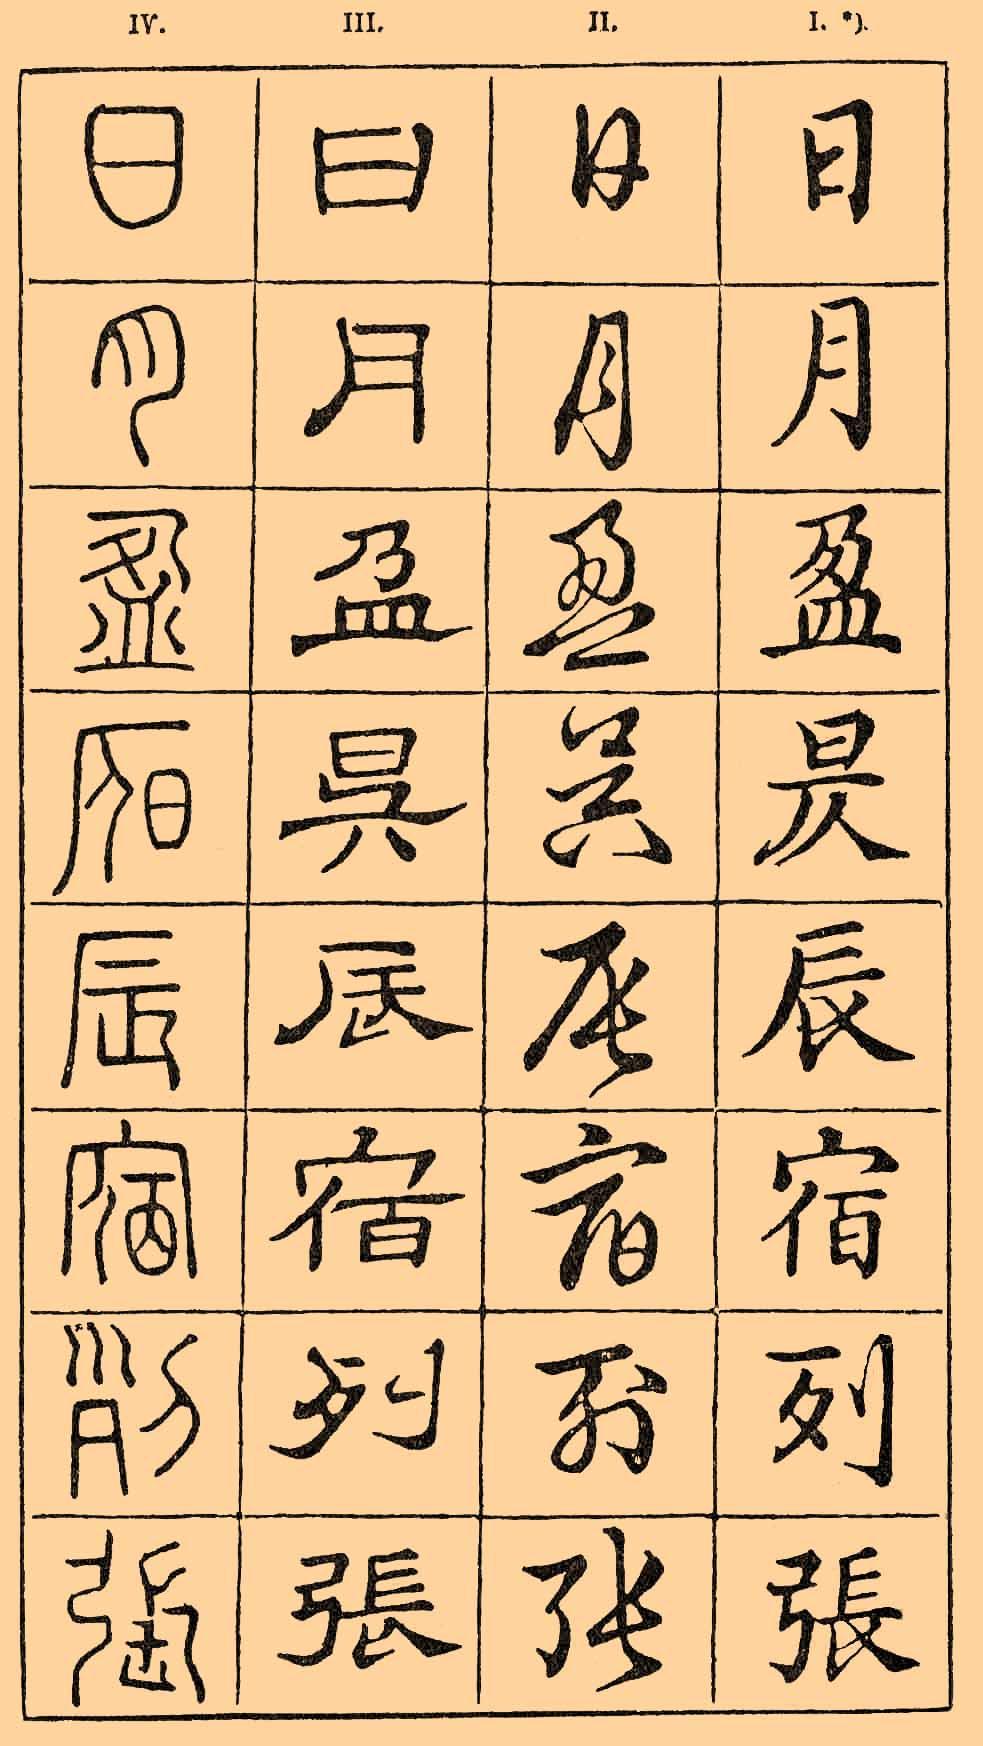 русско китайский словарь плохой